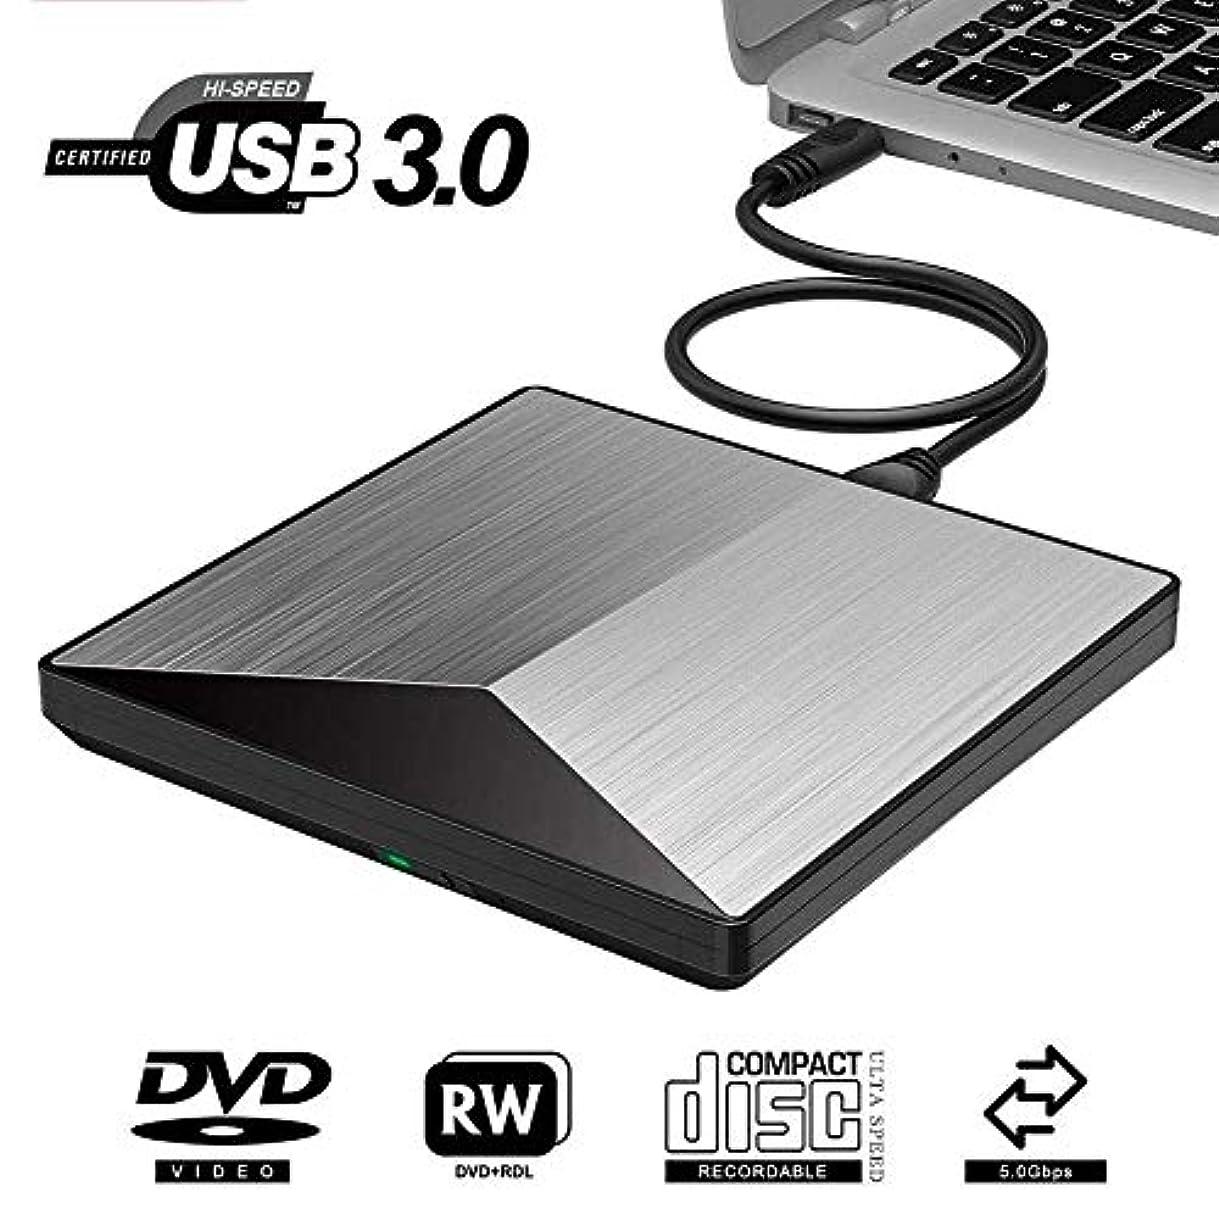 不公平肌寒い落胆したLcxliga 外付けUSB3.0 DVD RW CDライタースリムドライブバーナーリーダープレーヤーPCラップトップMACモバイルレコーダーコンピューター用